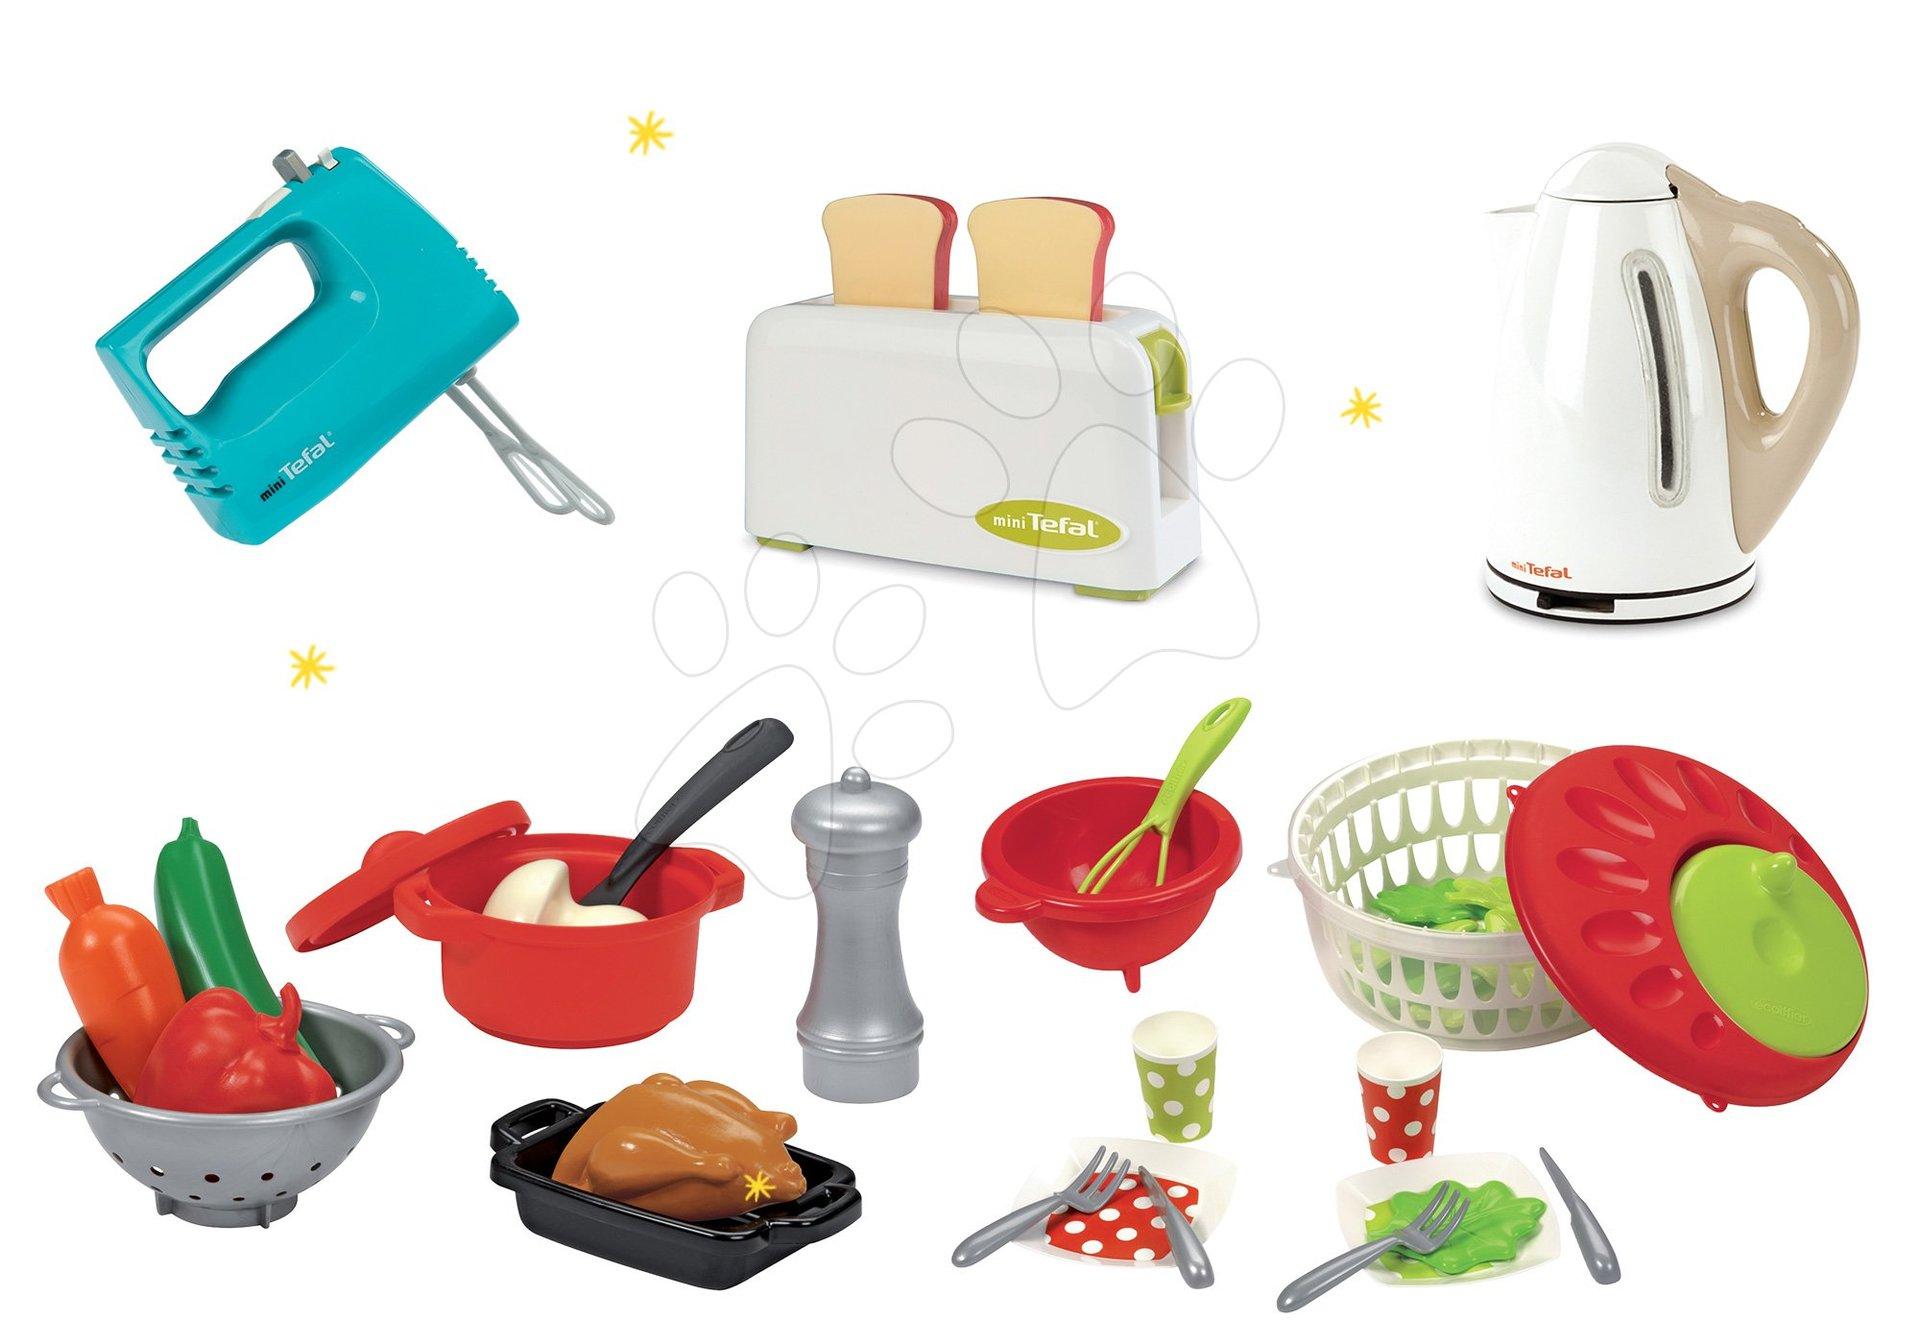 Smoby set spotrebičov: toaster, ručný mixér, kanvica Tefal a Écoiffier misa so šalátom 310504-1